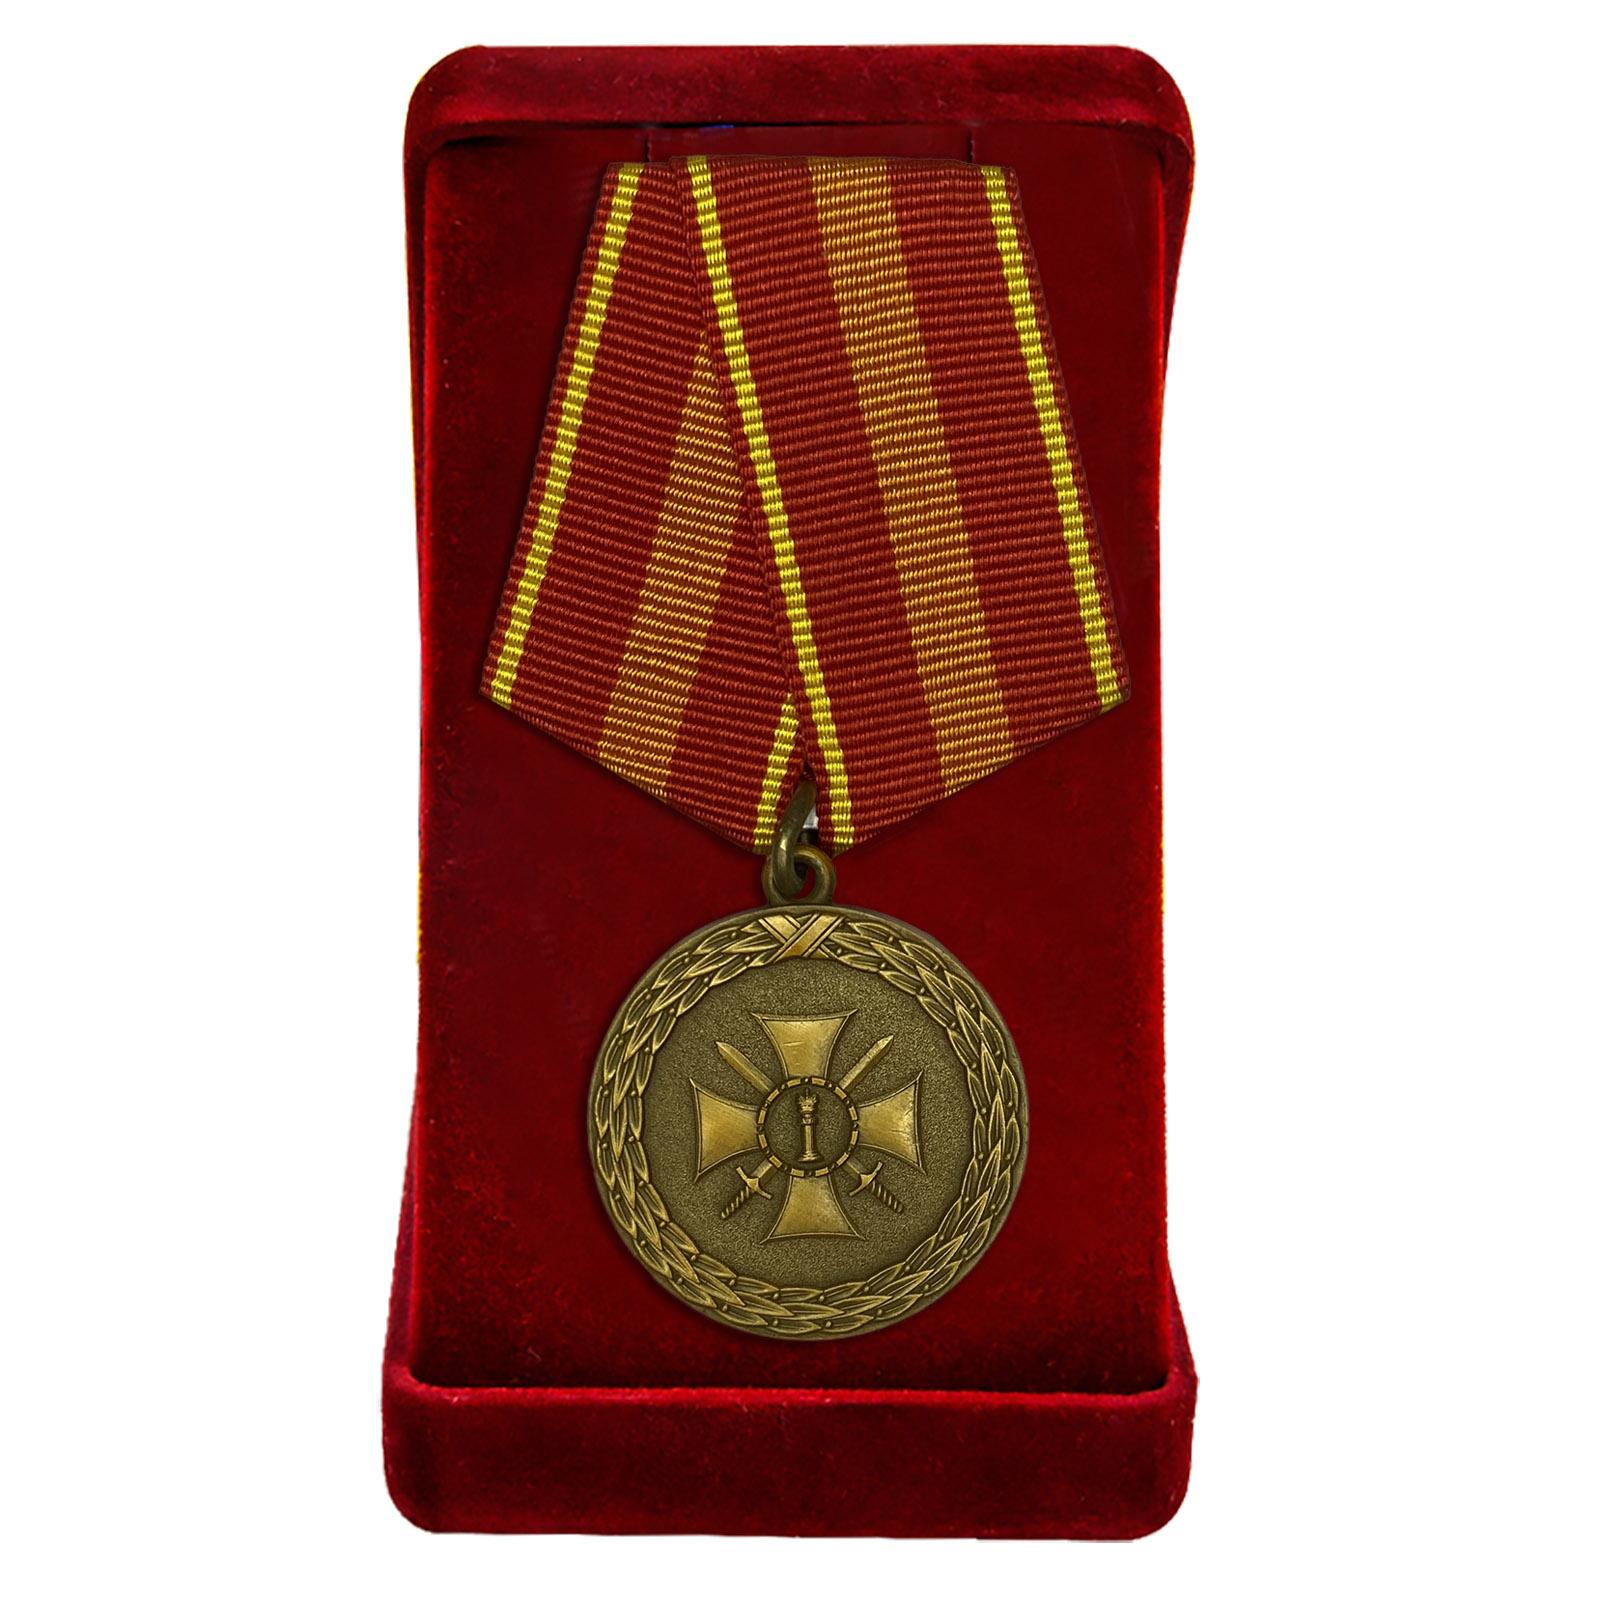 Купить медаль Министерства Юстиции За доблесть 2 степени в подарок